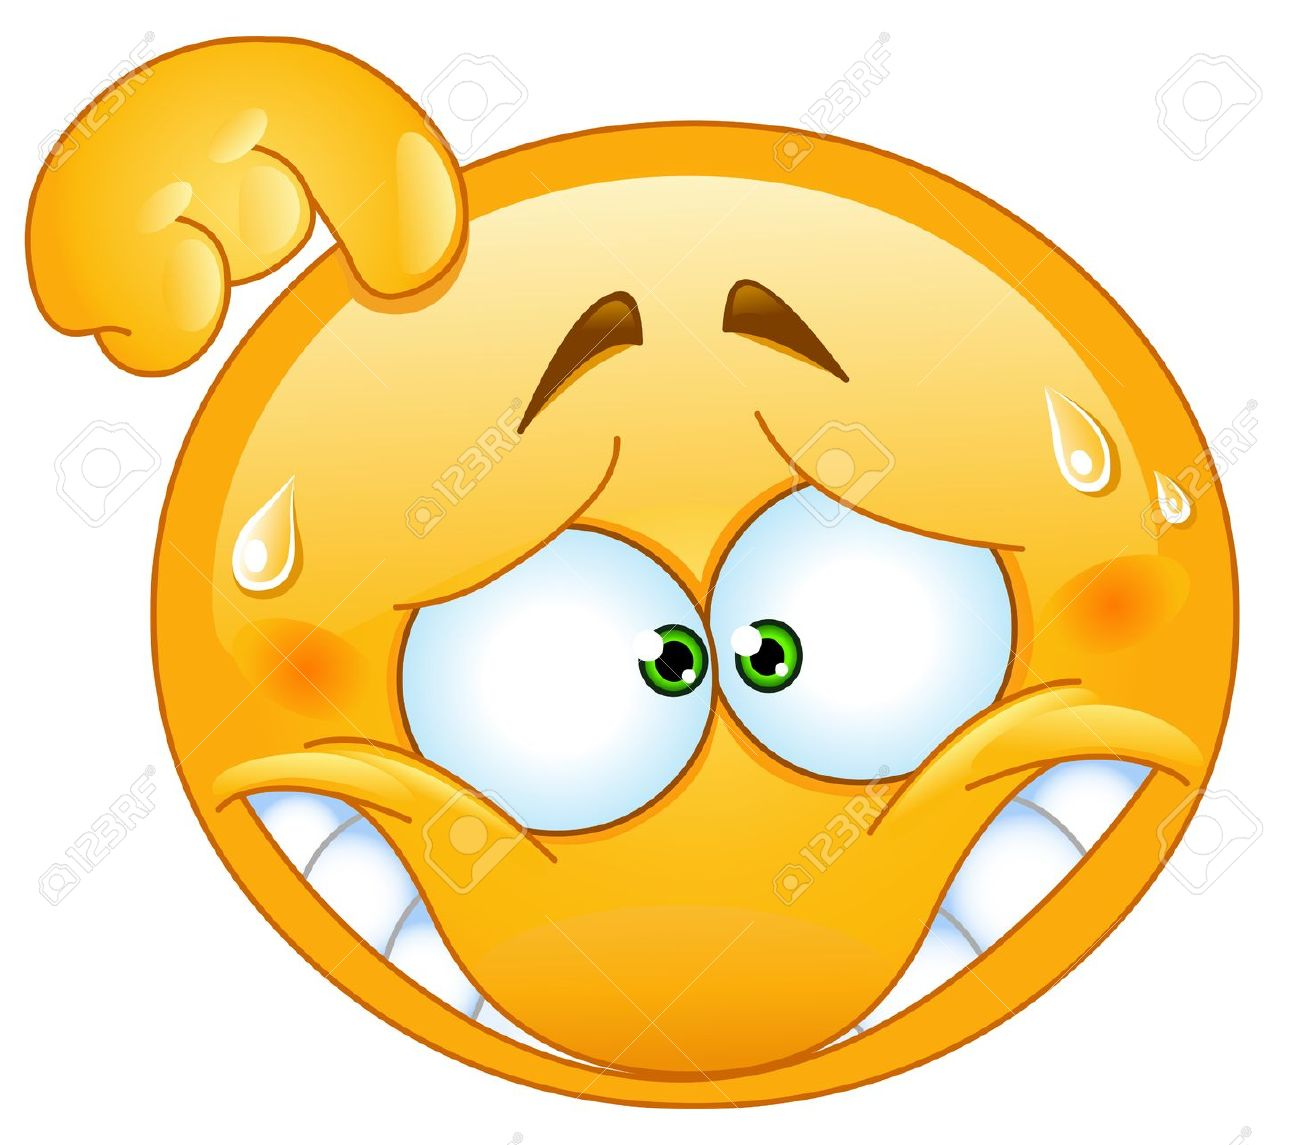 21014553-Embarrassed-emoticon-Stock-Vector-smiley-emoticon-face